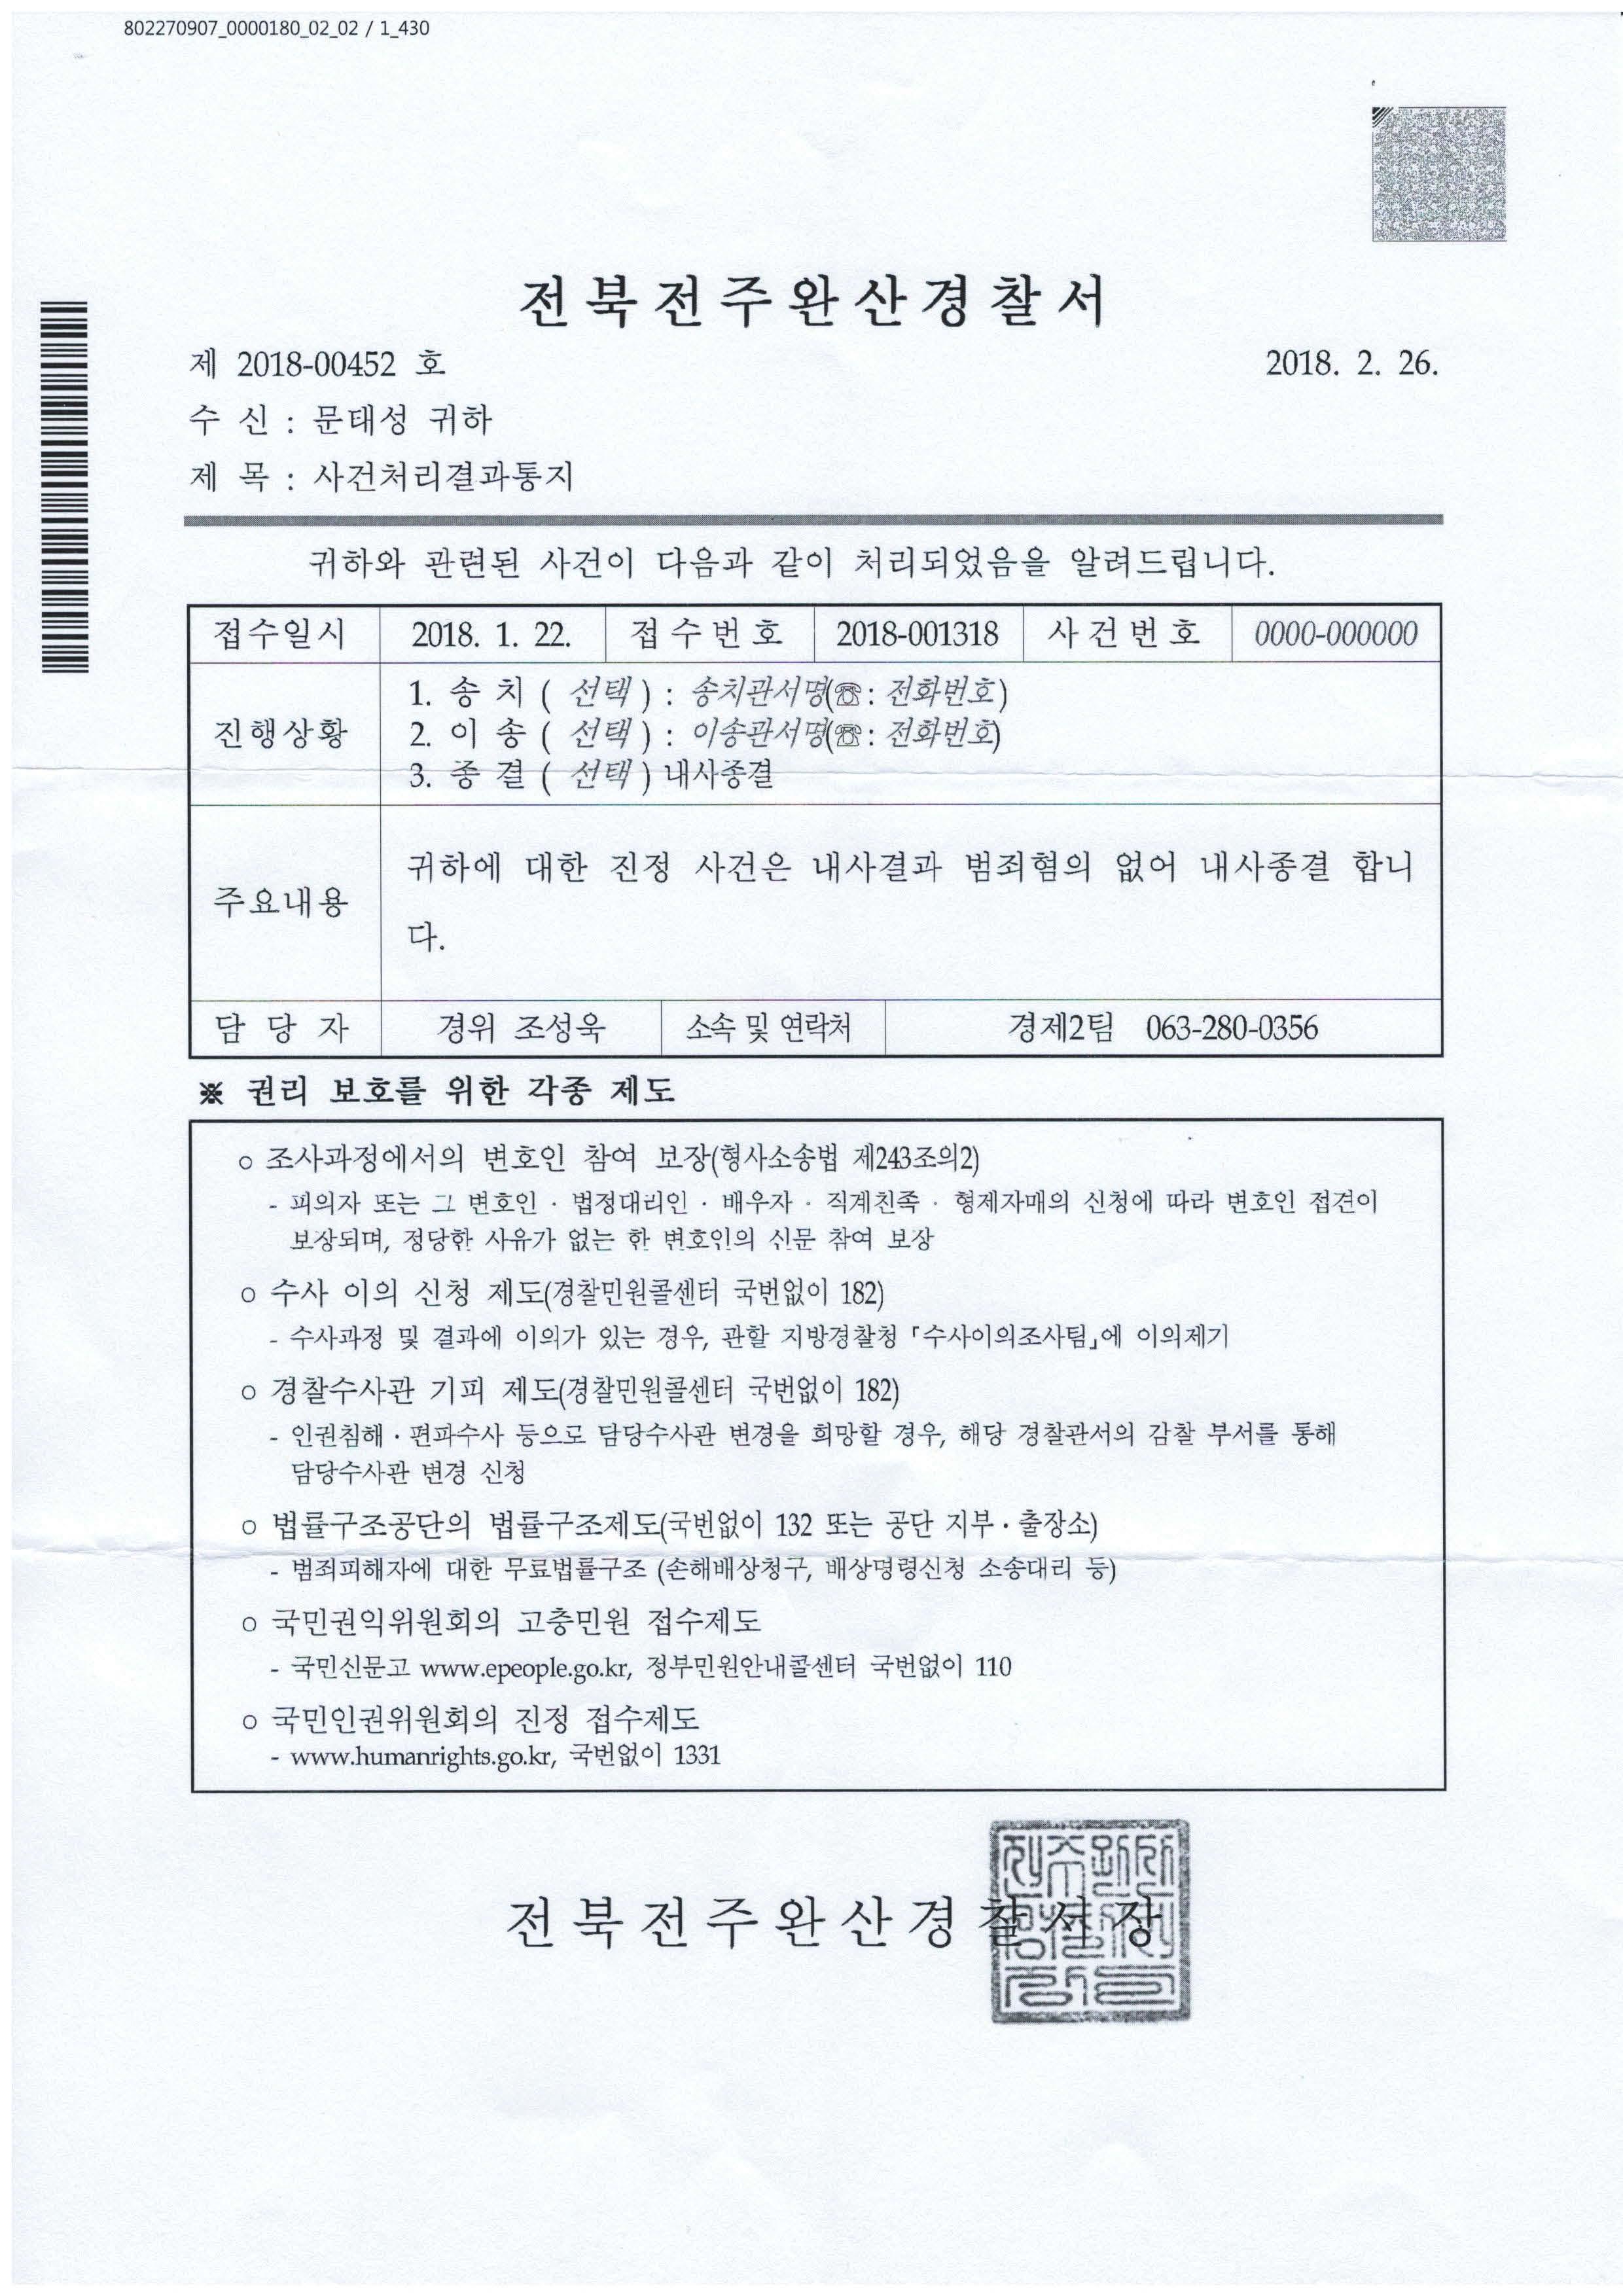 18.2.26_접수번호2018-001318(완산경찰서 내사종결).jpg